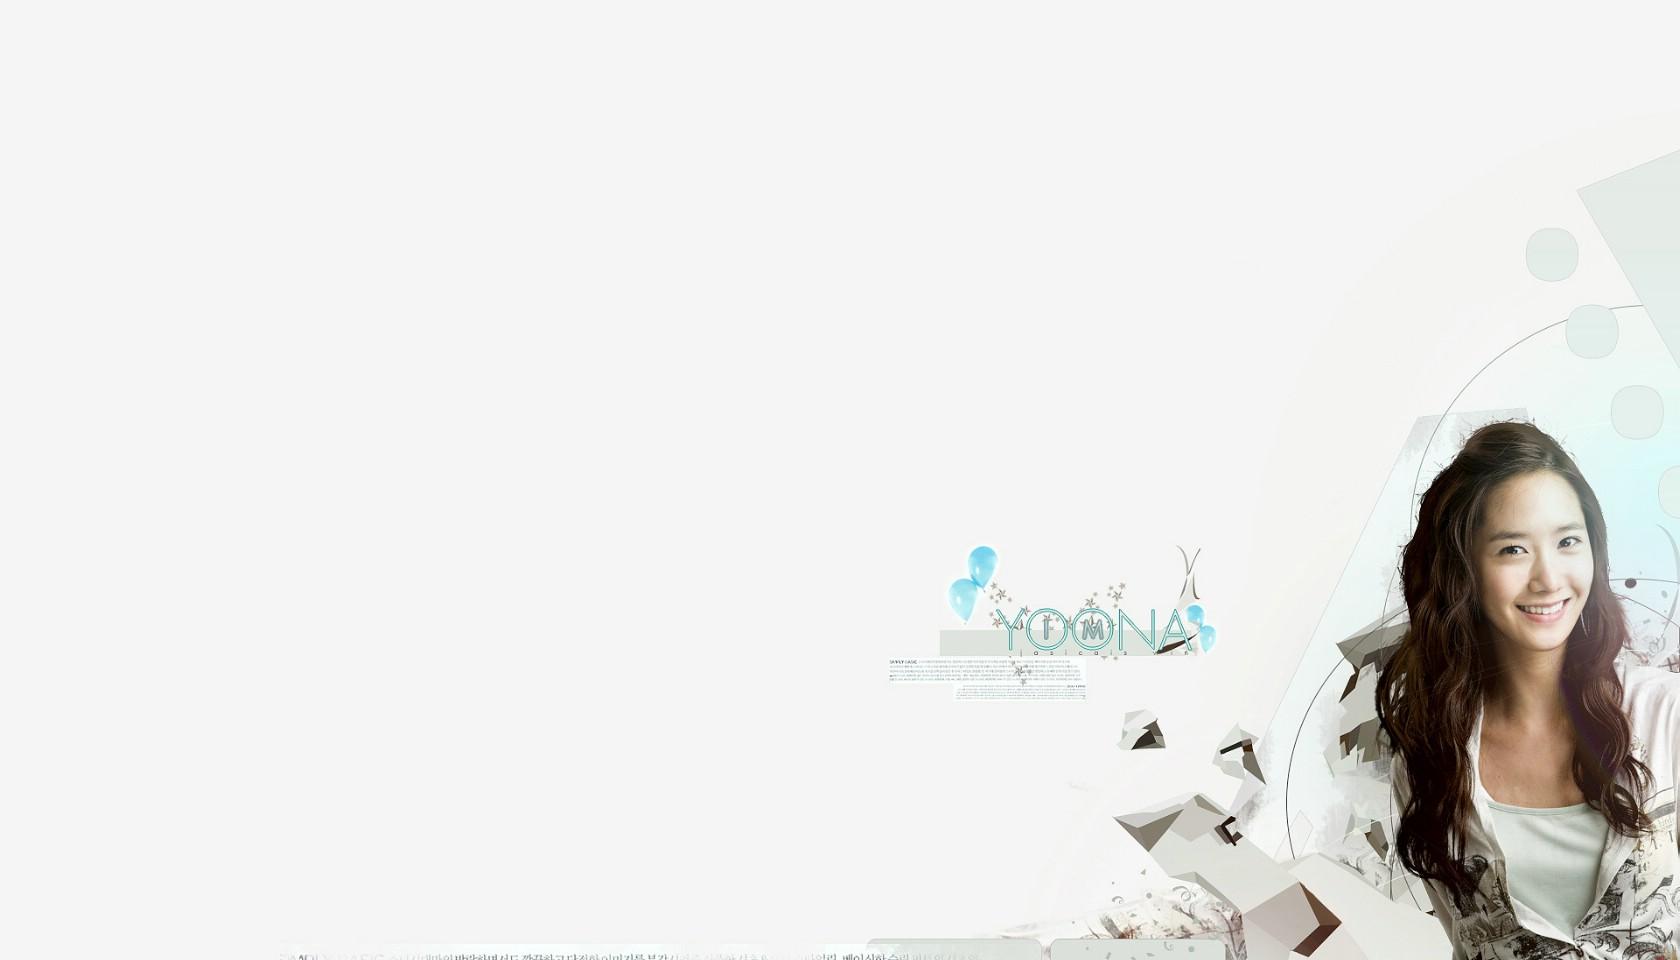 壁纸1680×960精选绝色人物壁纸壁纸 精选绝色人物壁纸壁纸图片其他壁纸其他图片素材桌面壁纸